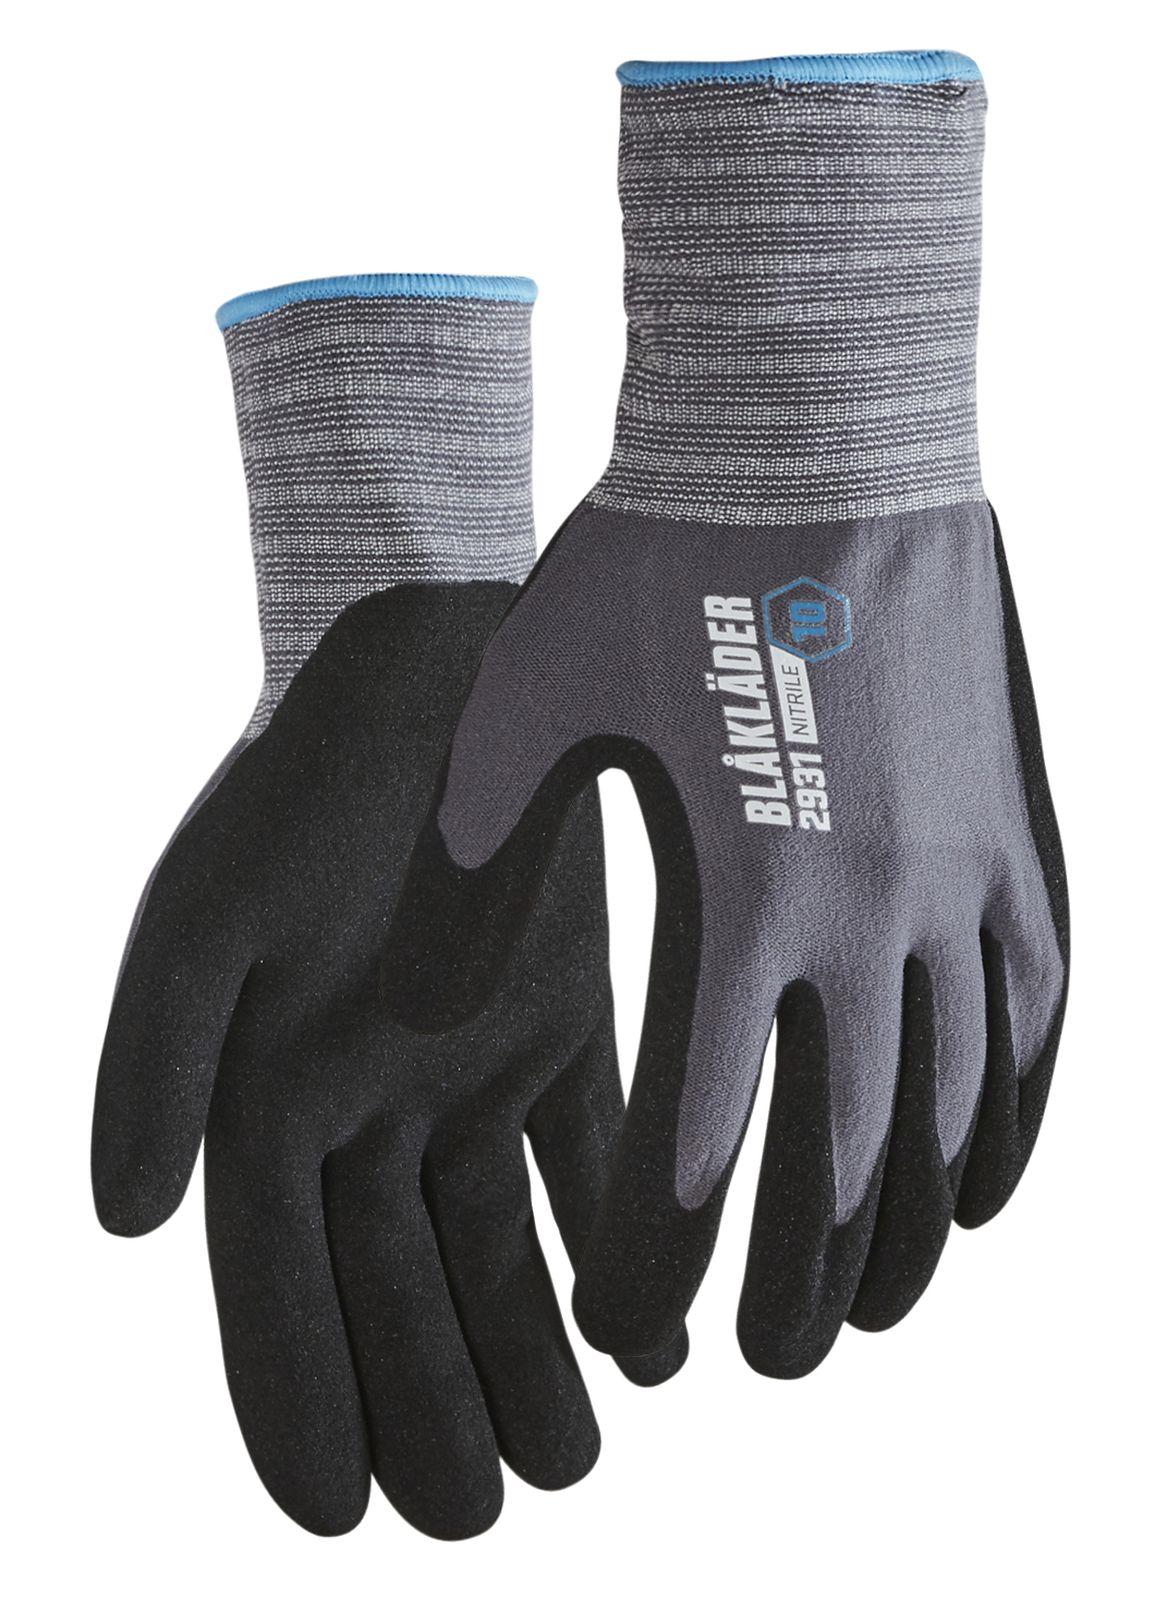 Blaklader handschoenen 29311454 grijs(9400)